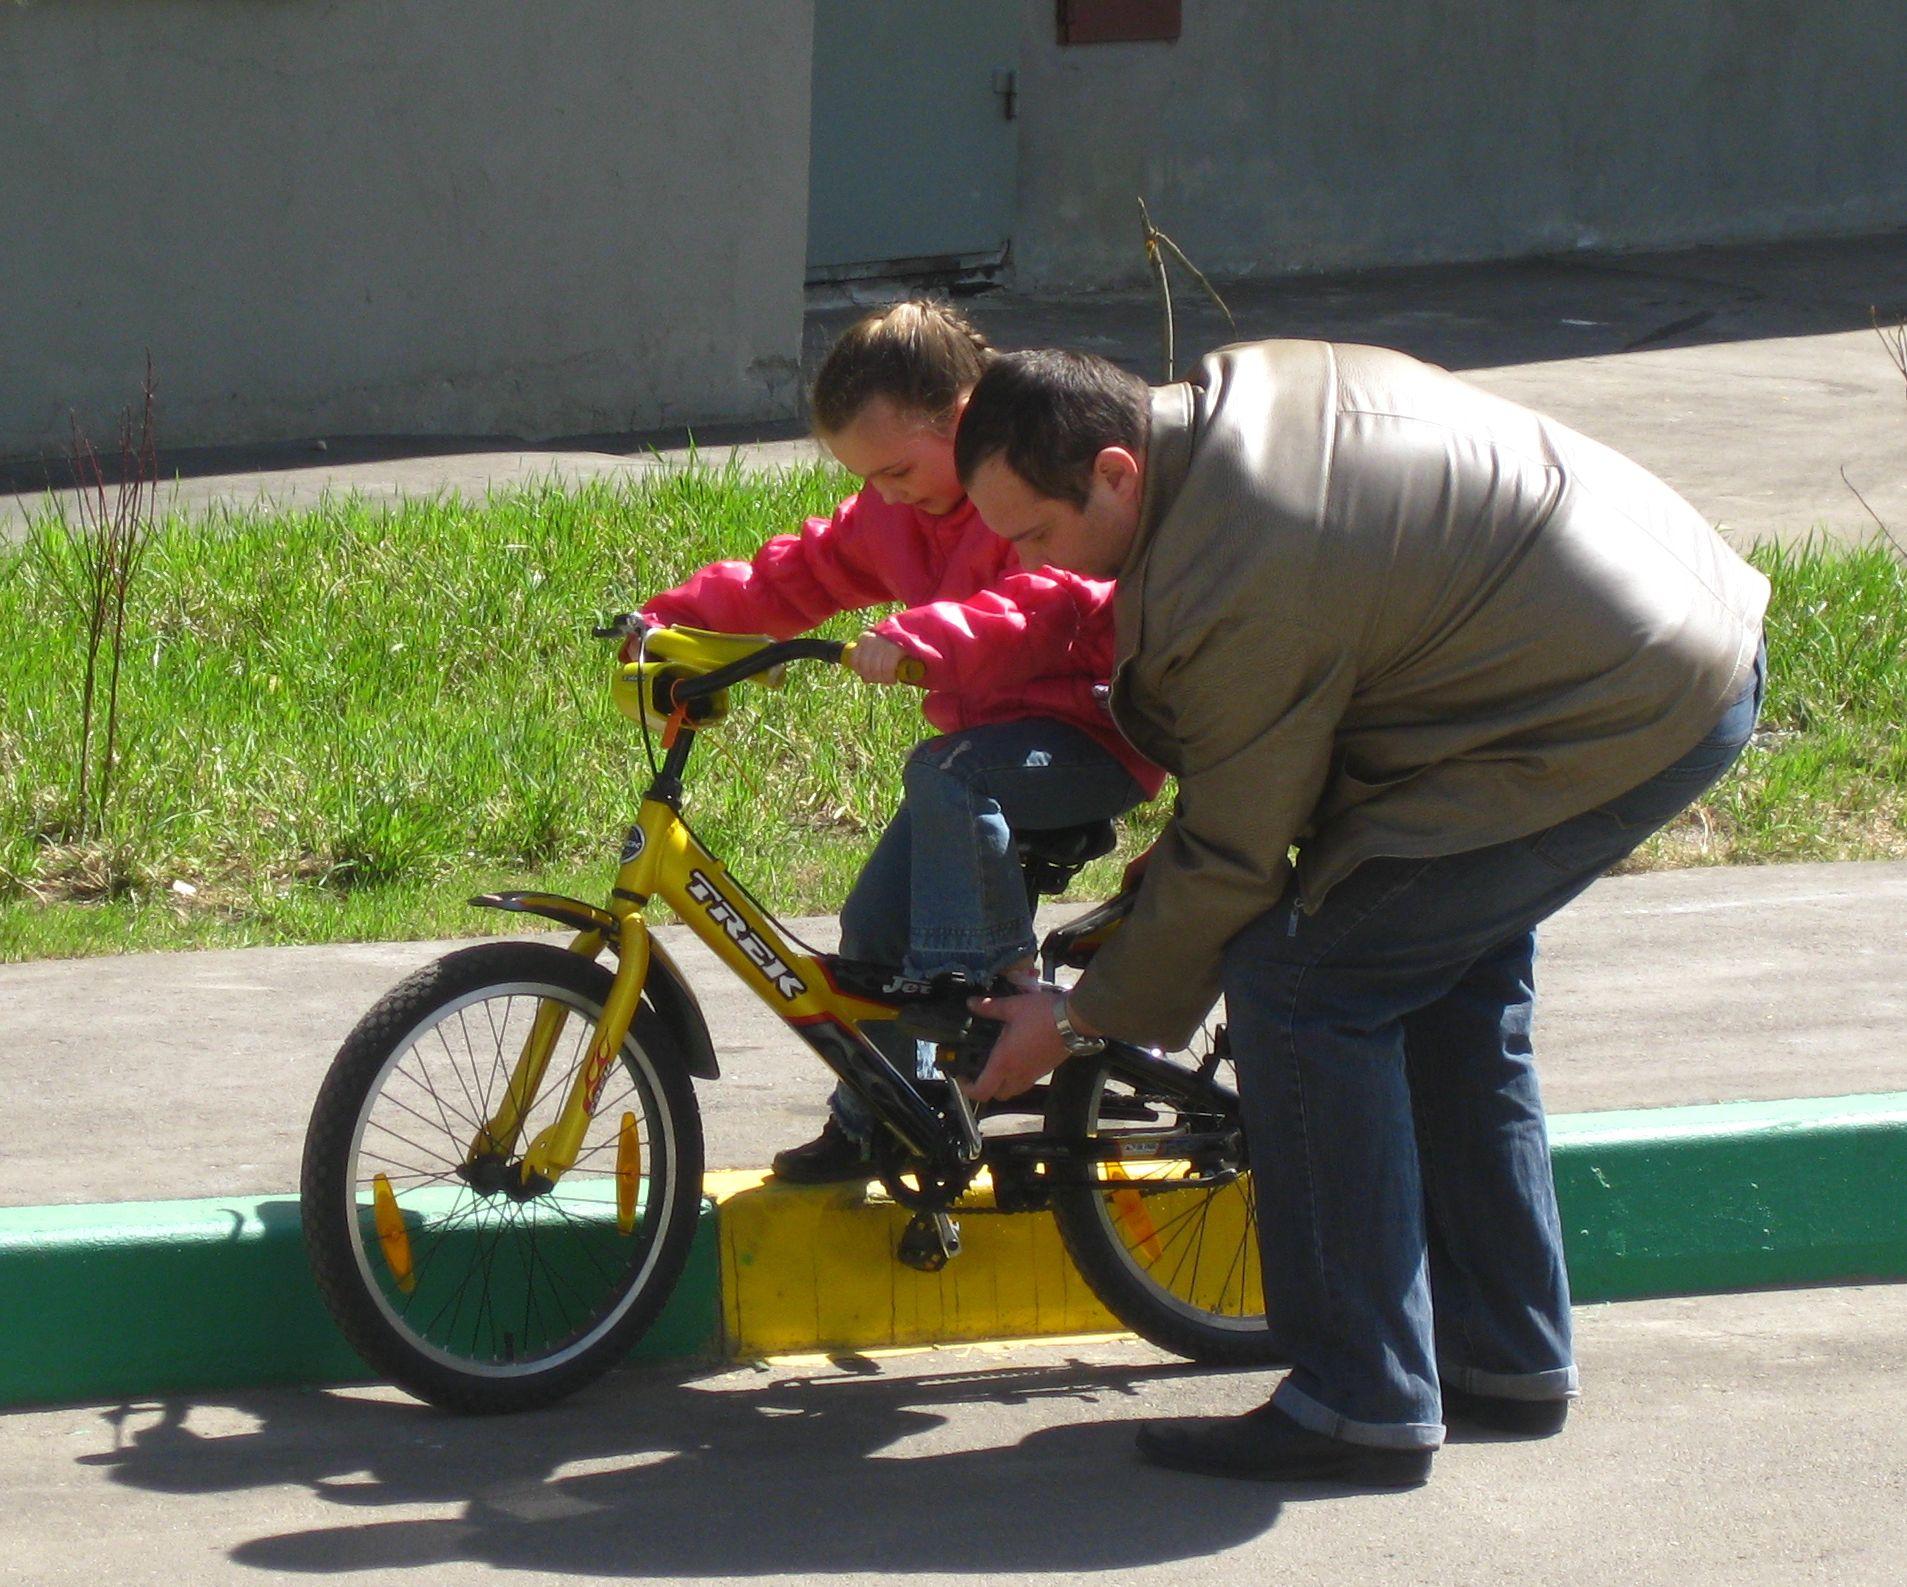 С папой не страшно!. Укрощение велосипеда